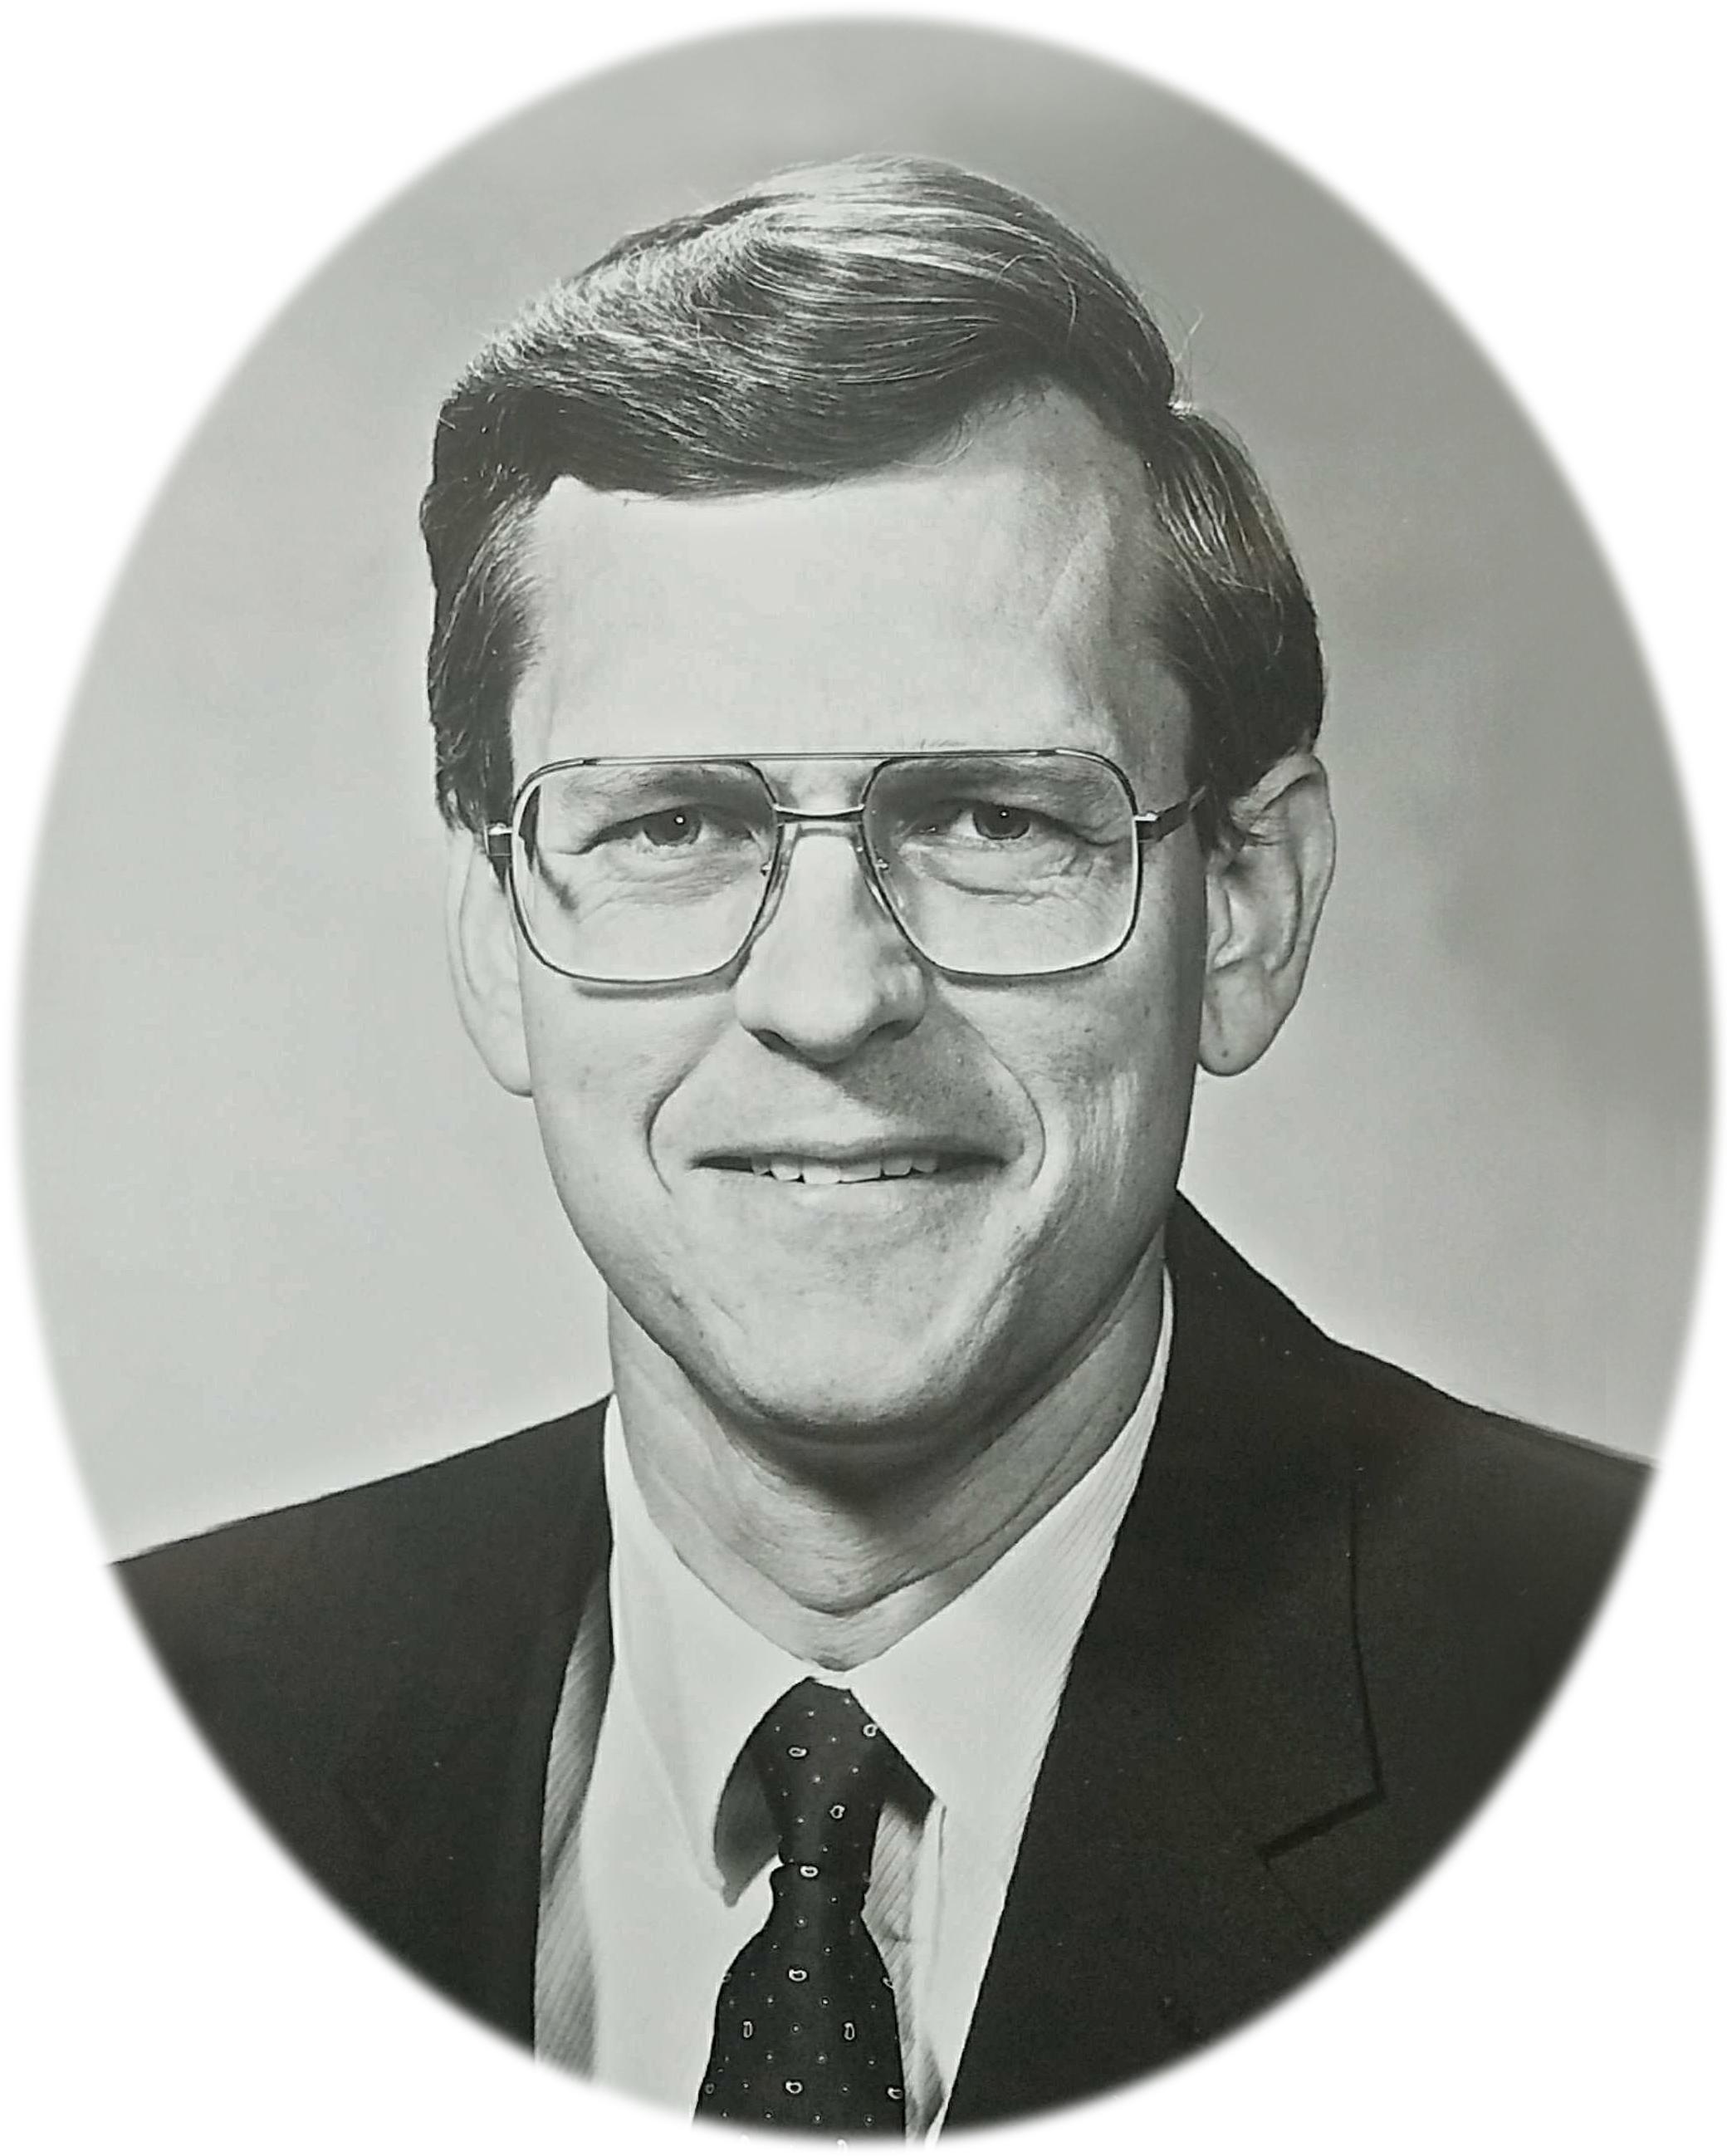 Stephen C. Holmgren